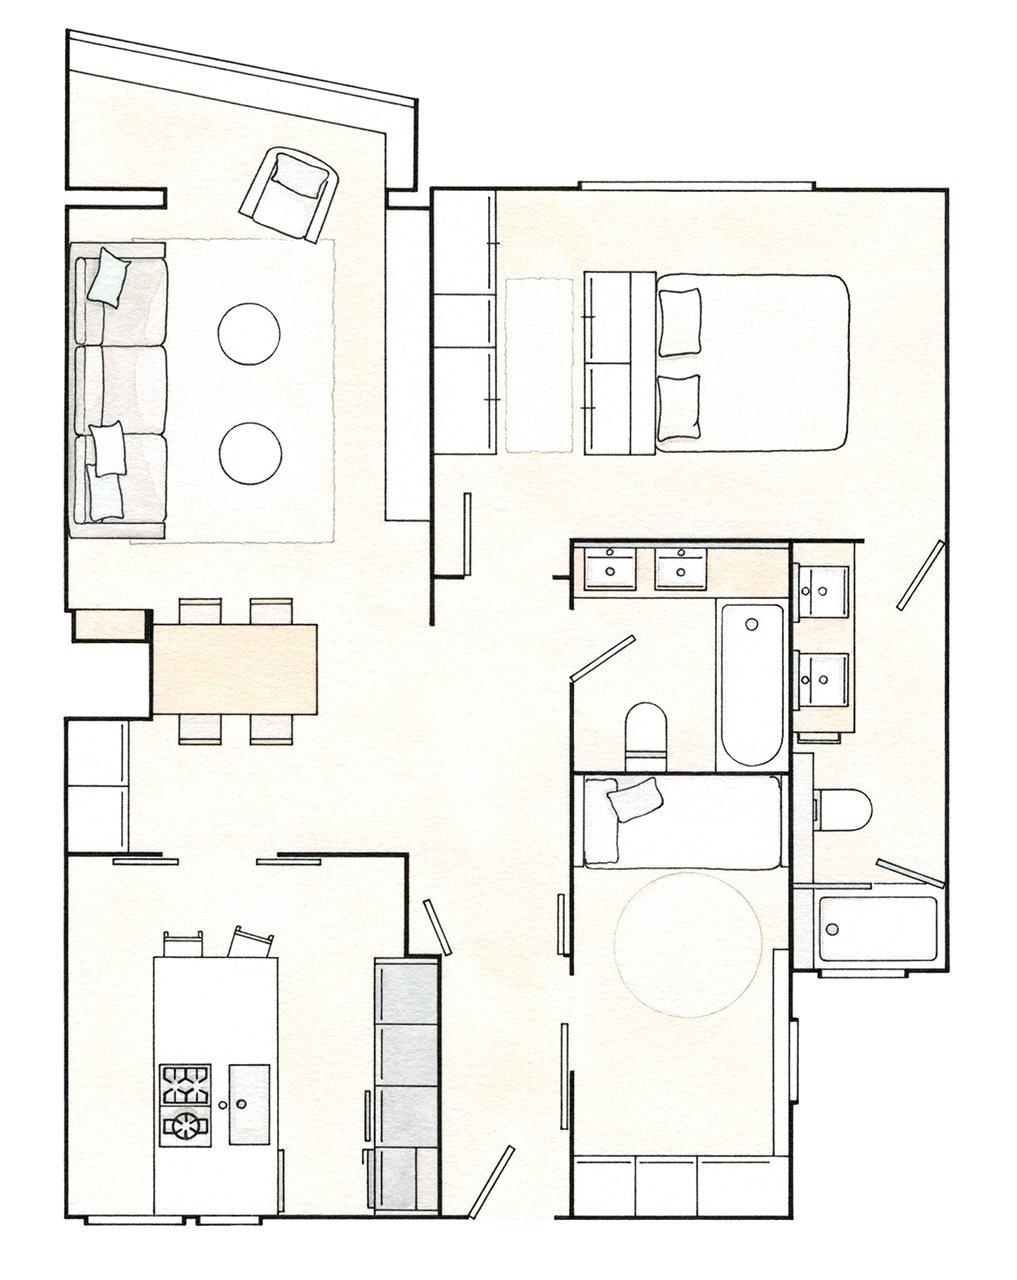 Plano piso 75m2. Plano de la casa de 75 m2